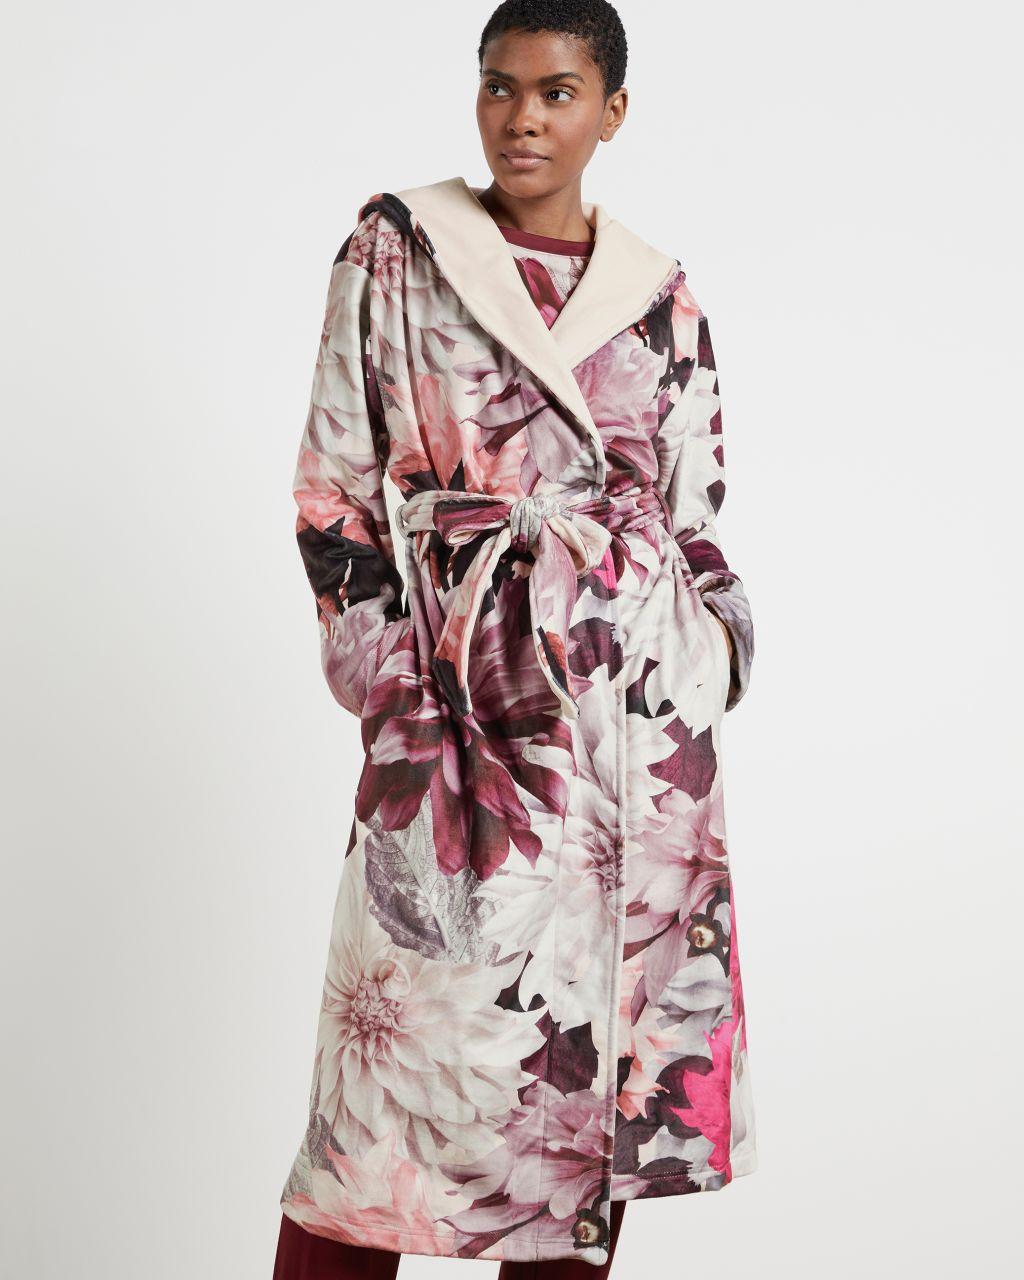 TED BAKER Clove Print Long Robe | TED BAKER SALE